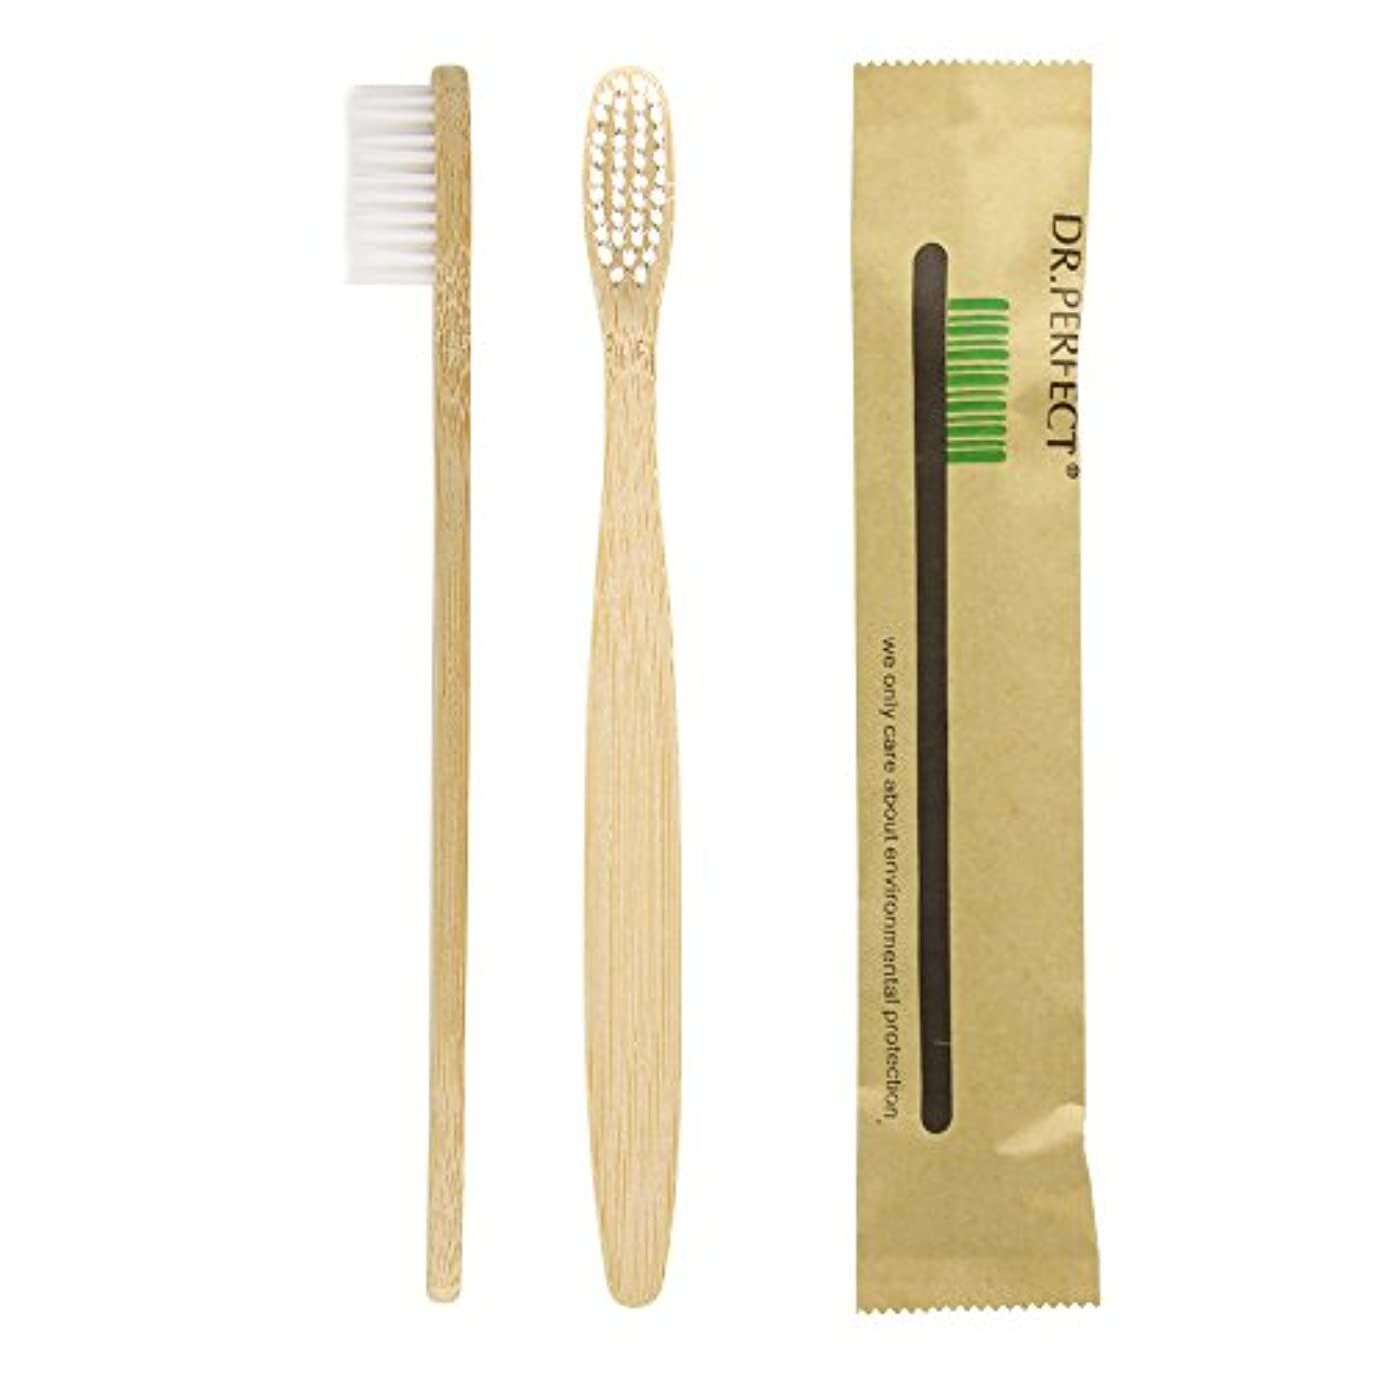 怪しいトマトキリマンジャロDr.Perfect 歯ブラシ竹歯ブラシアダルト竹の歯ブラシ ナイロン毛 環境保護の歯ブラシ (ホワイト)